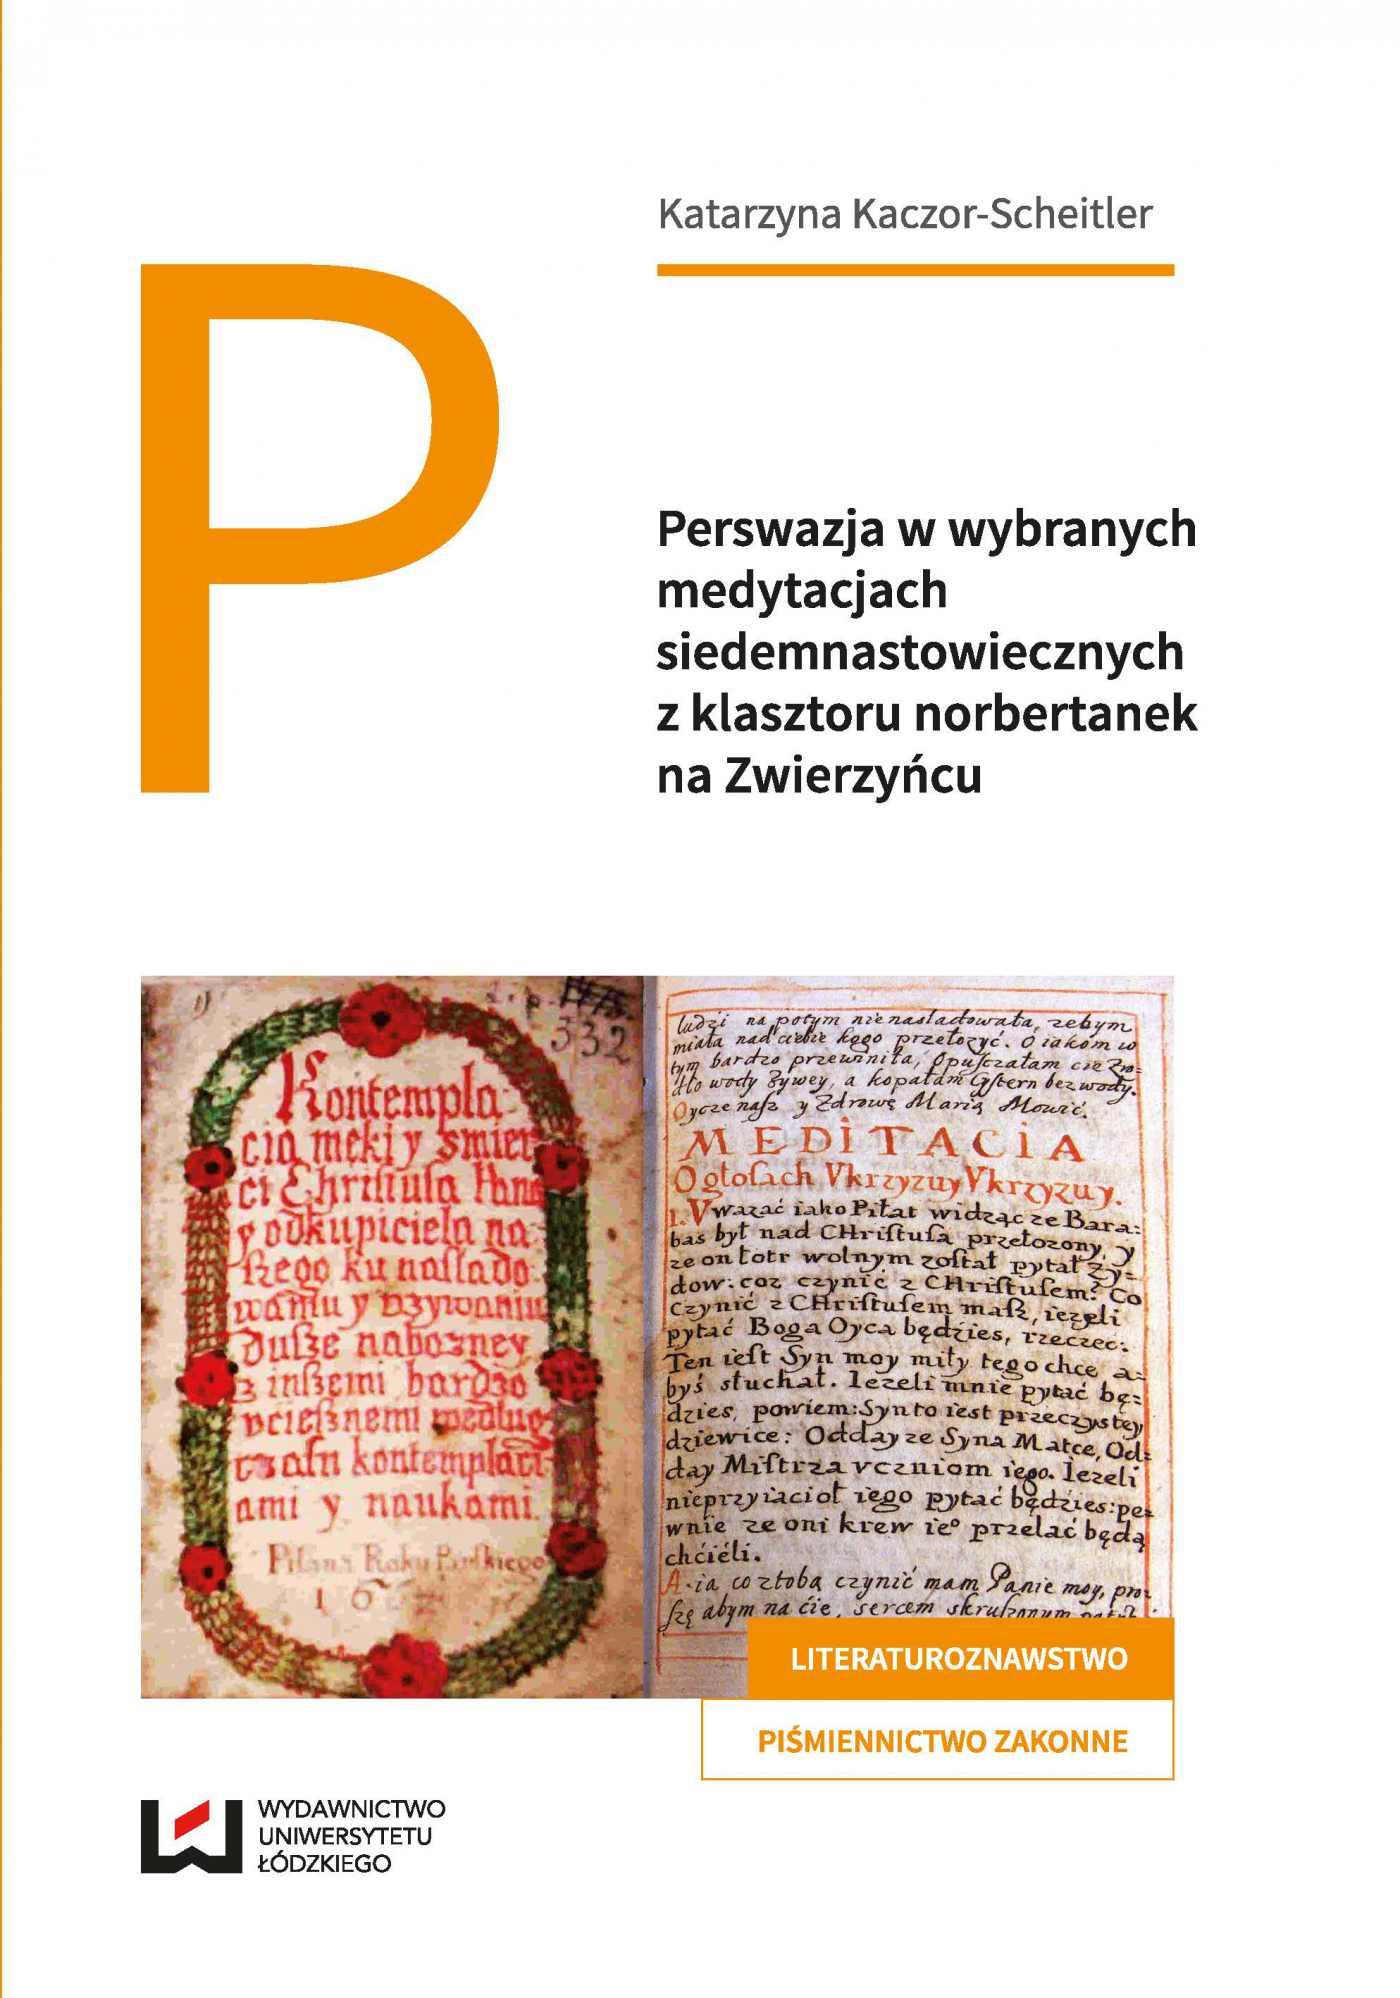 Perswazja w wybranych medytacjach siedemnastowiecznych z klasztoru norbertanek na Zwierzyńcu - Ebook (Książka PDF) do pobrania w formacie PDF